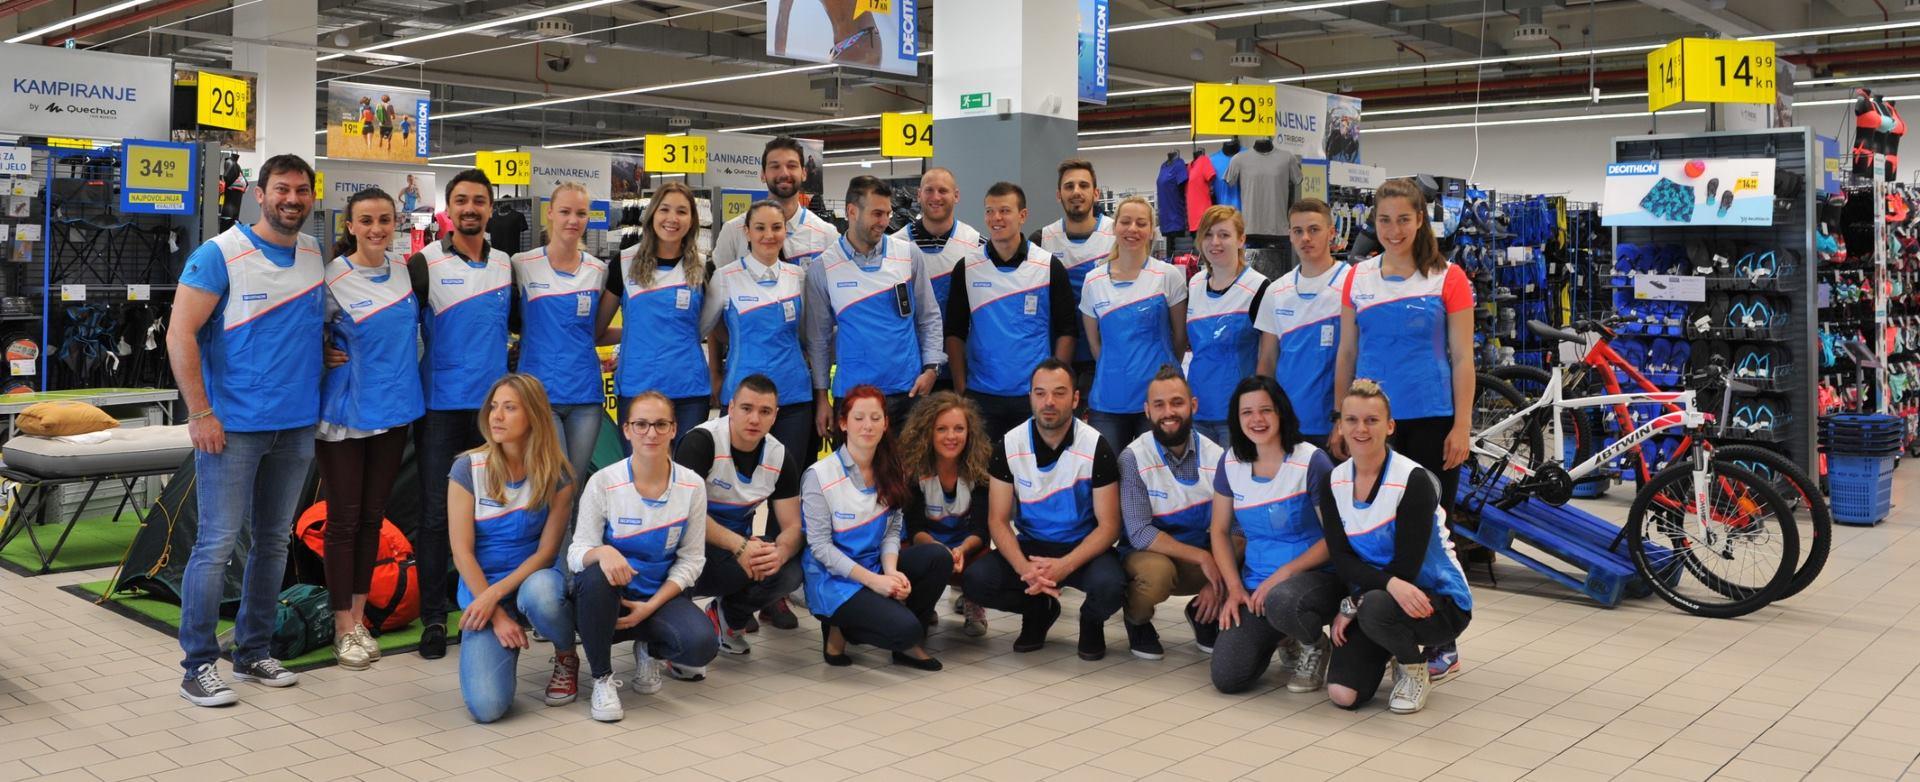 FOTO: Lanac sportske opreme Decathlon otvorio svoju prvu trgovinu u Gradu Osijeku